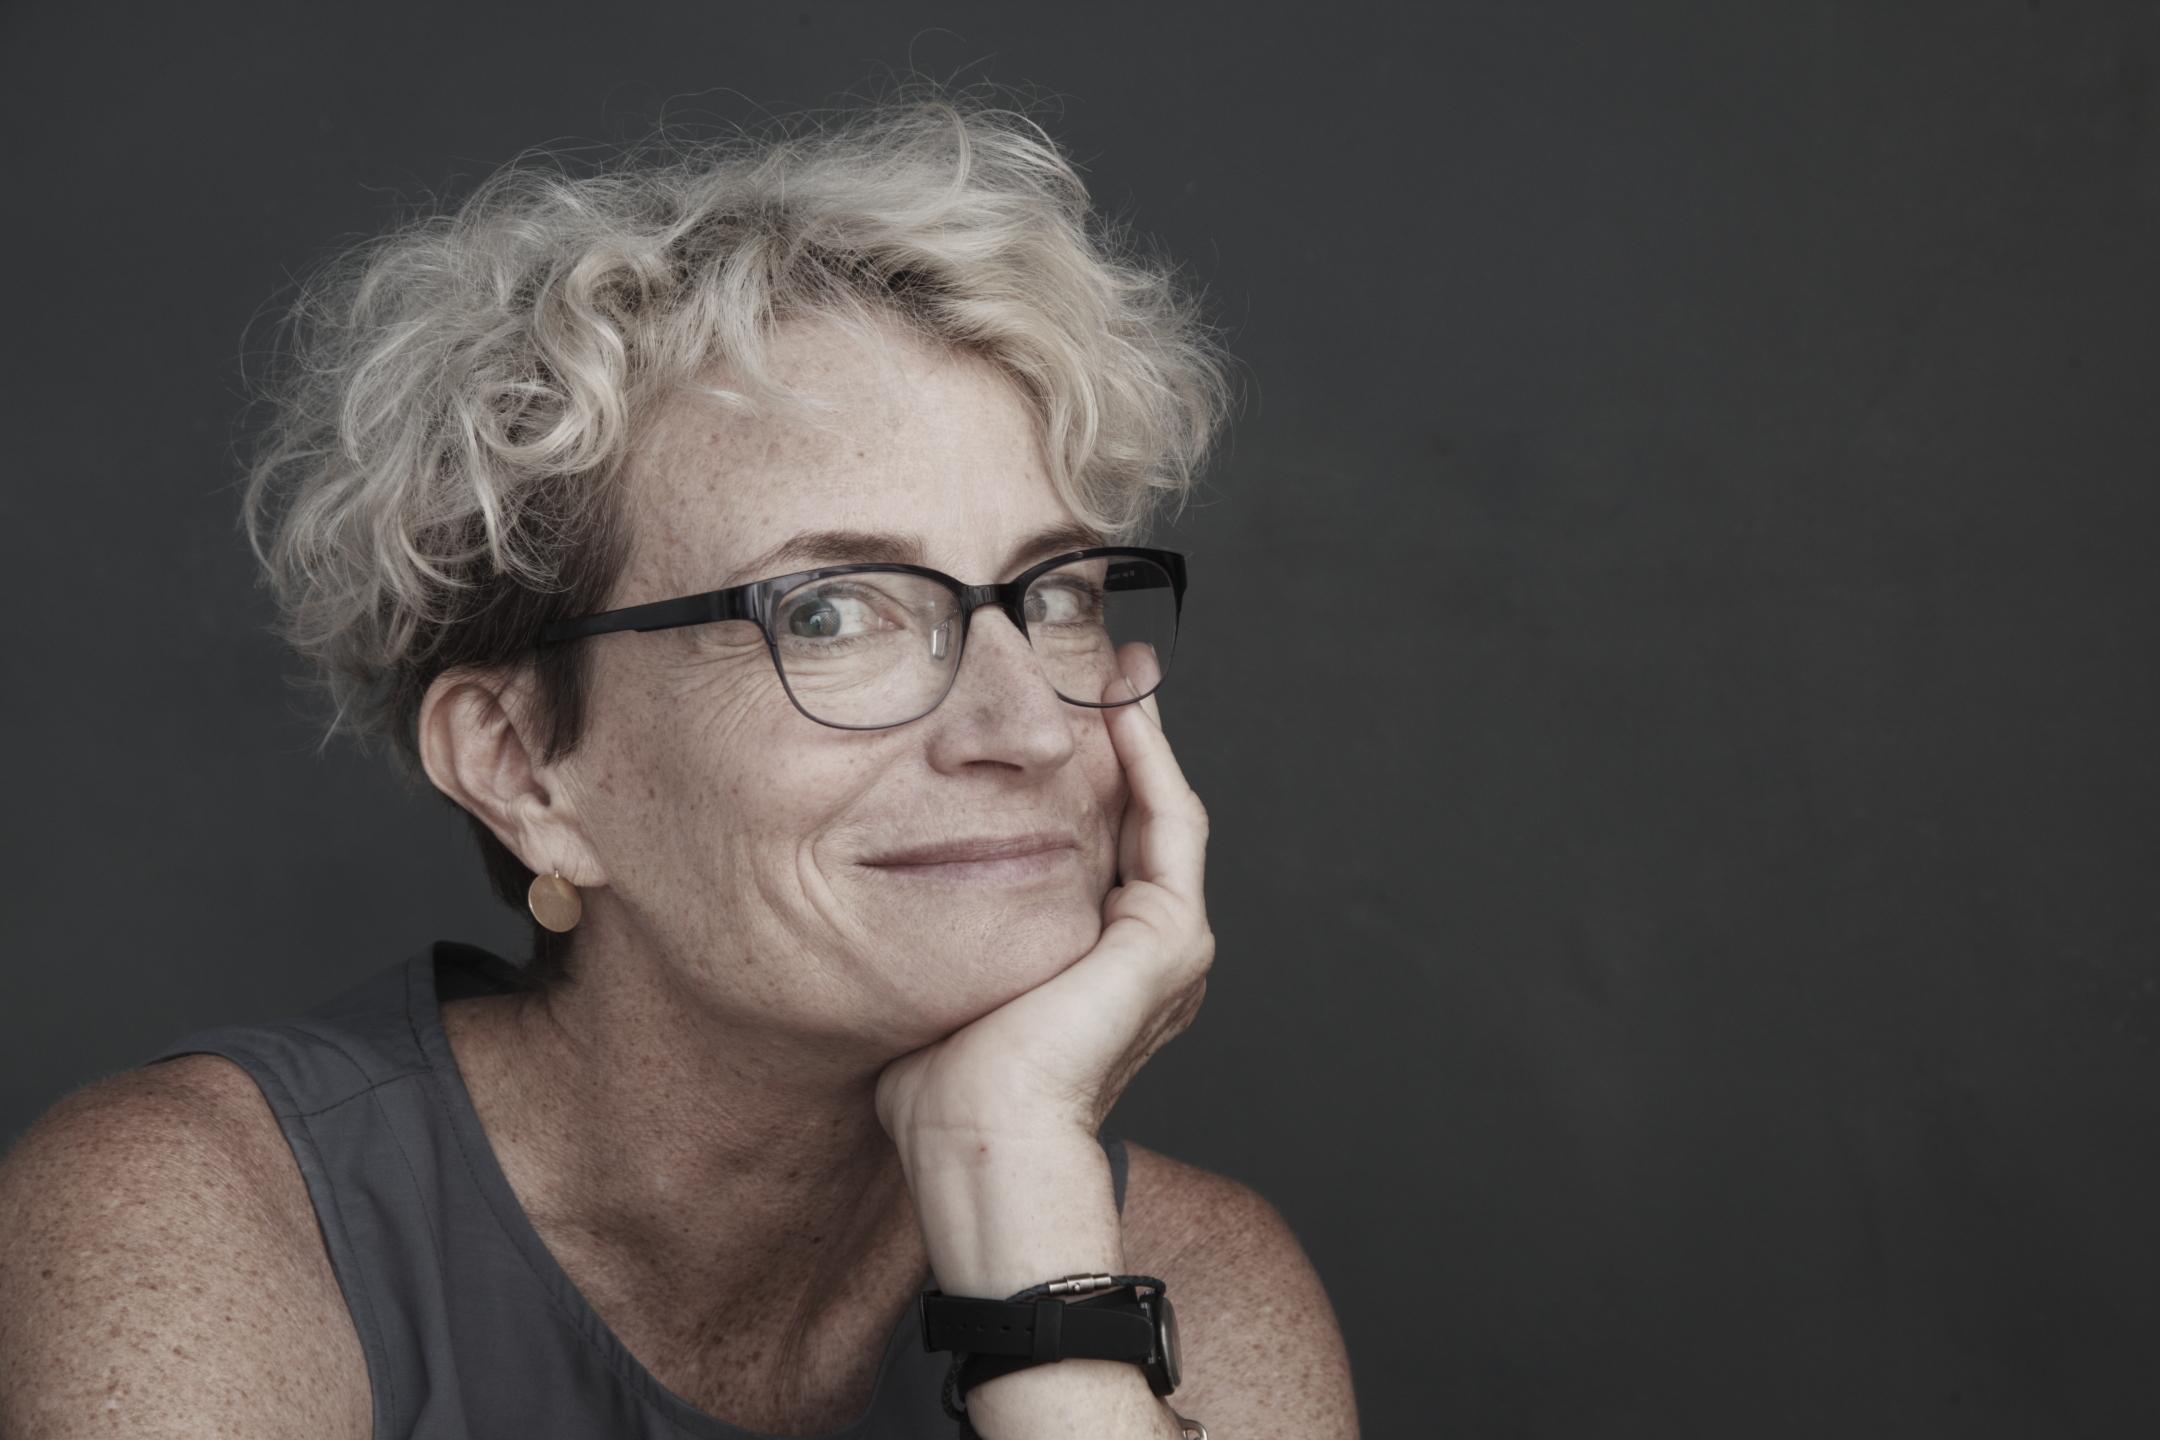 Ashton Applewhite, Anti-Agism Activist, Author, and Speaker